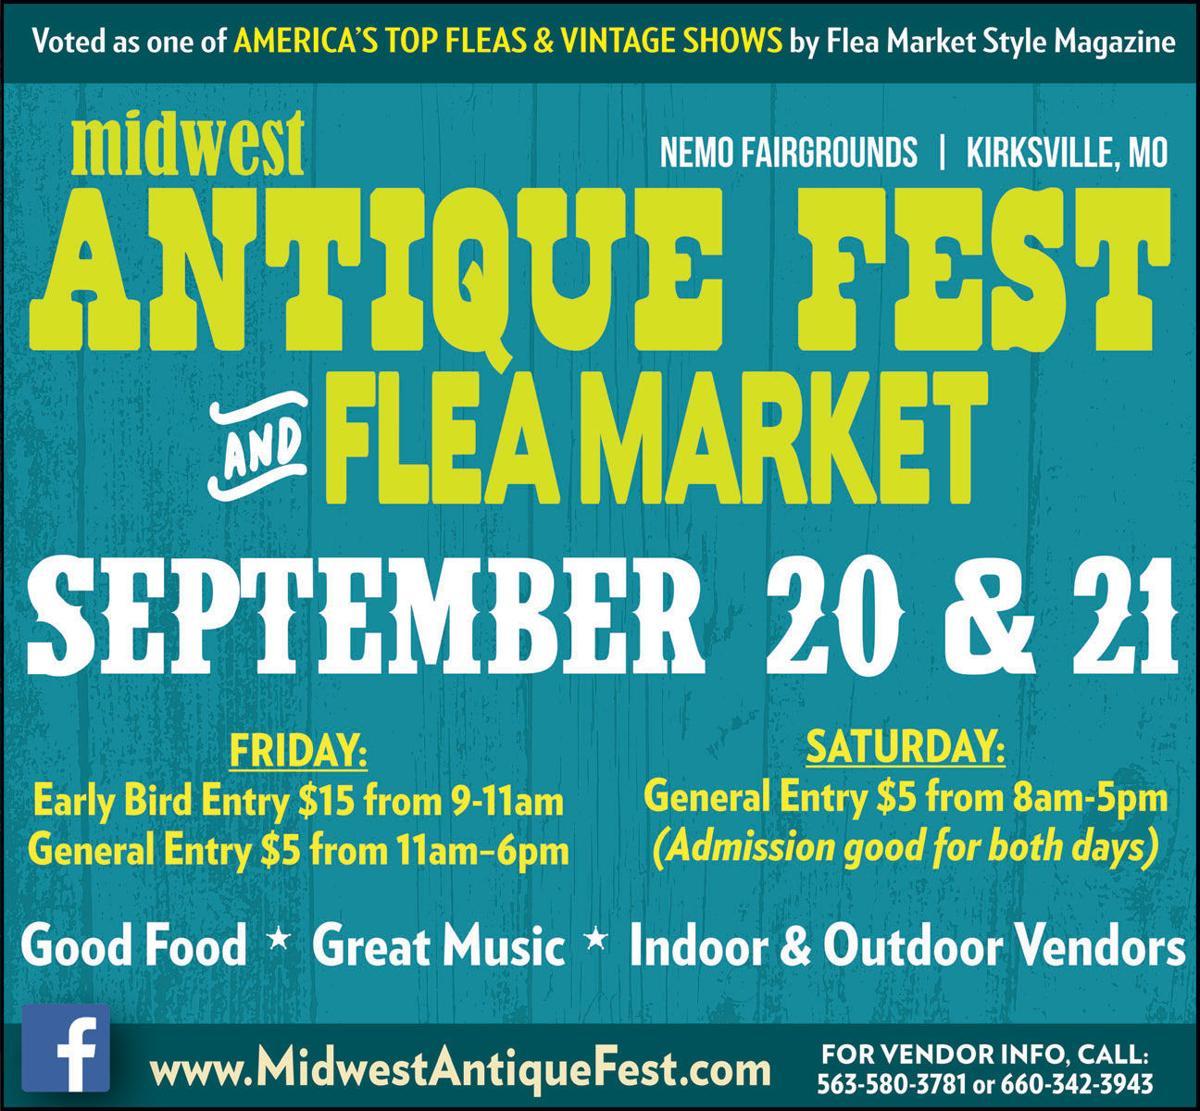 Midwest Antique Fest and Flea Market